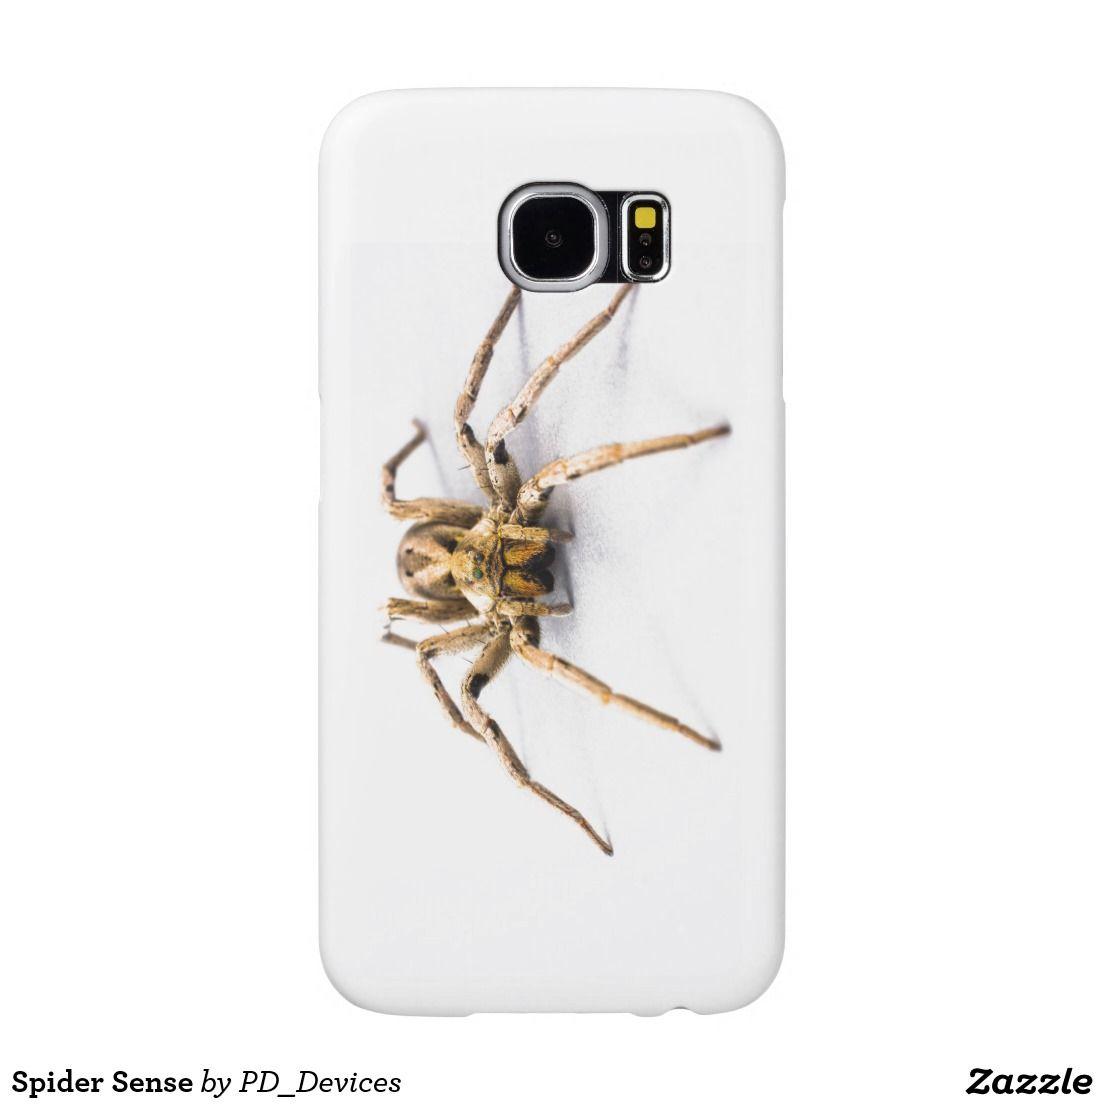 Spider Sense Samsung Galaxy S6 Cases